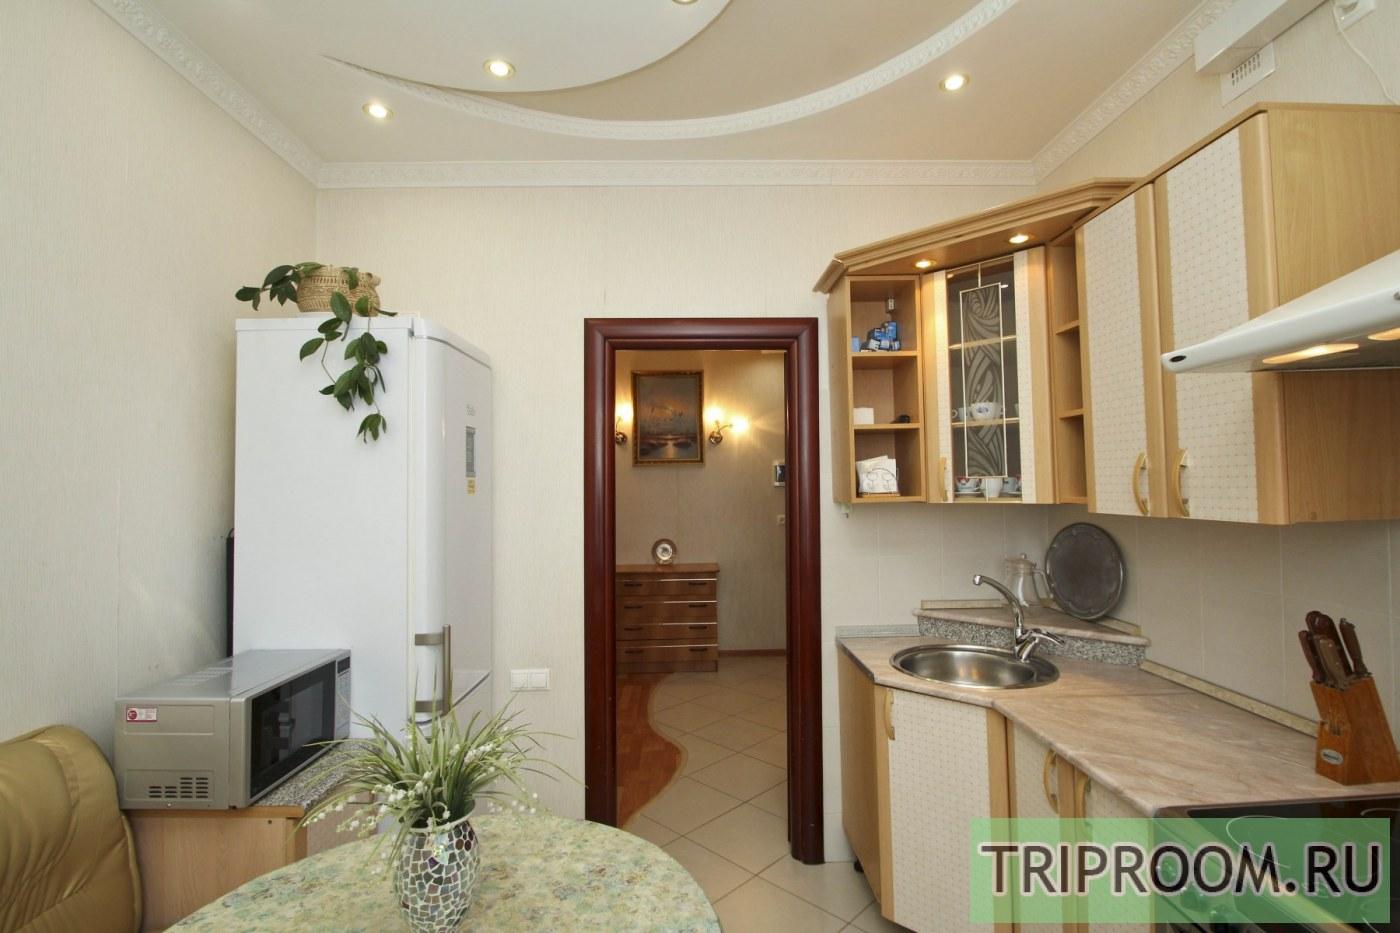 2-комнатная квартира посуточно (вариант № 37514), ул. Дзержинского улица, фото № 5